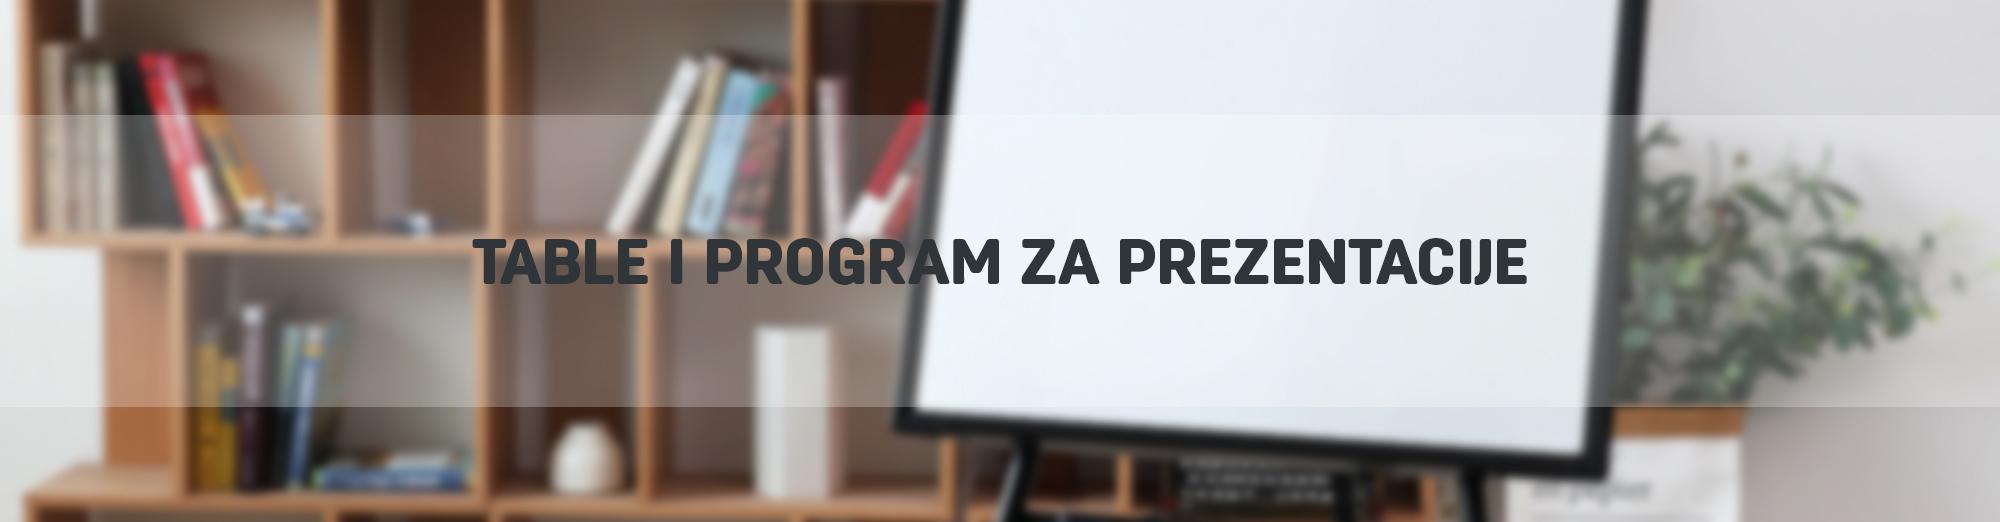 Table i program za prezentacije